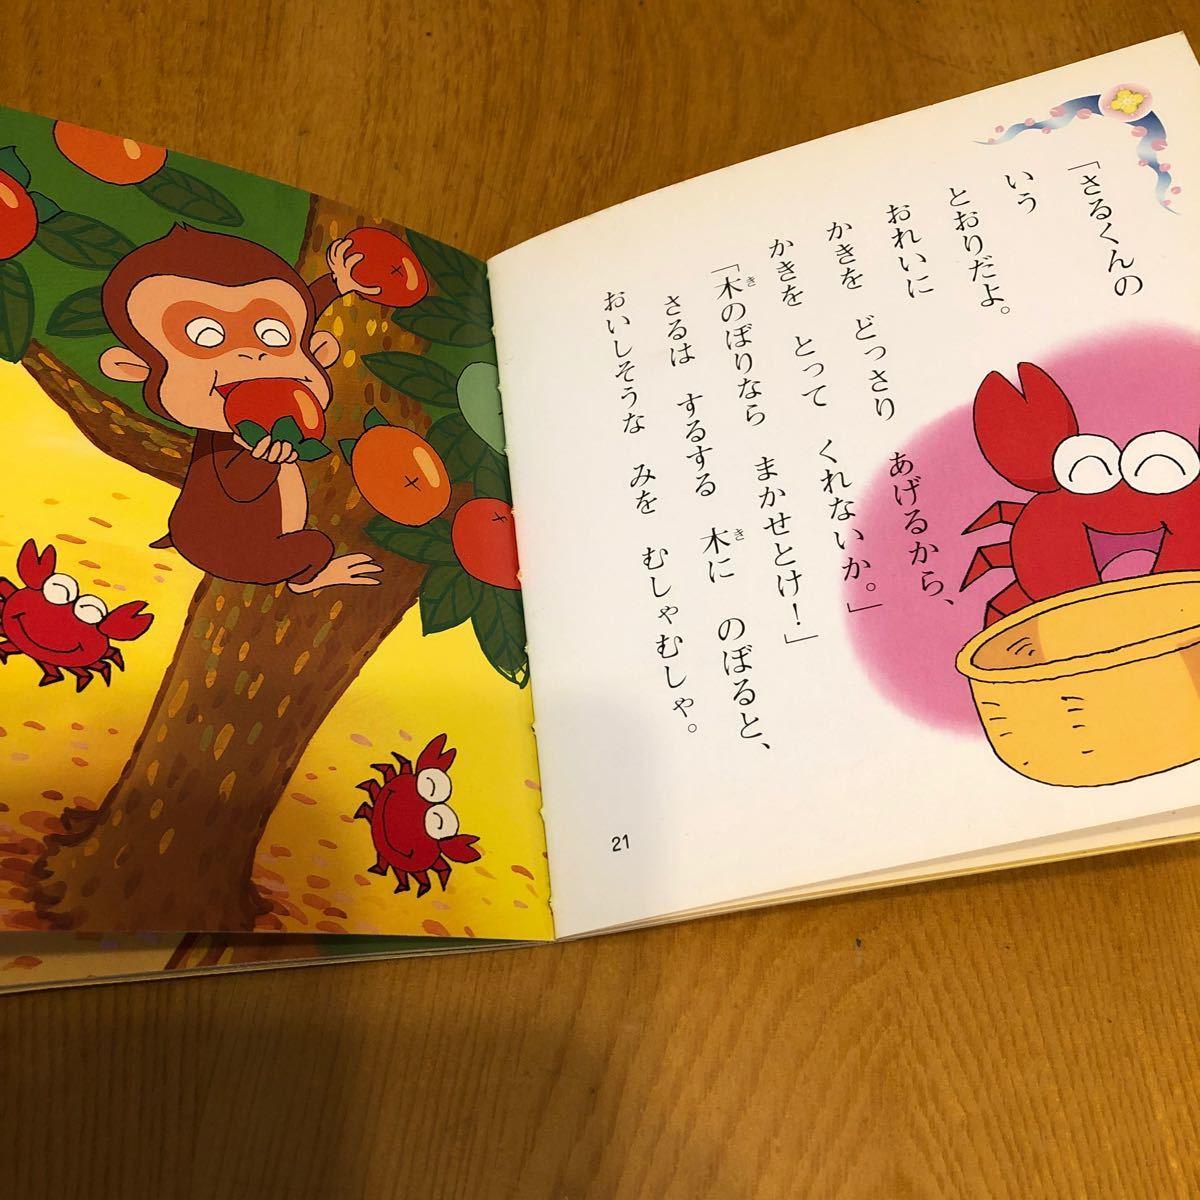 アニメ絵本 きんのがちょう さるかにばなし おむすびころりん 3冊セット 日本昔ばなし 世界名作アニメ絵本